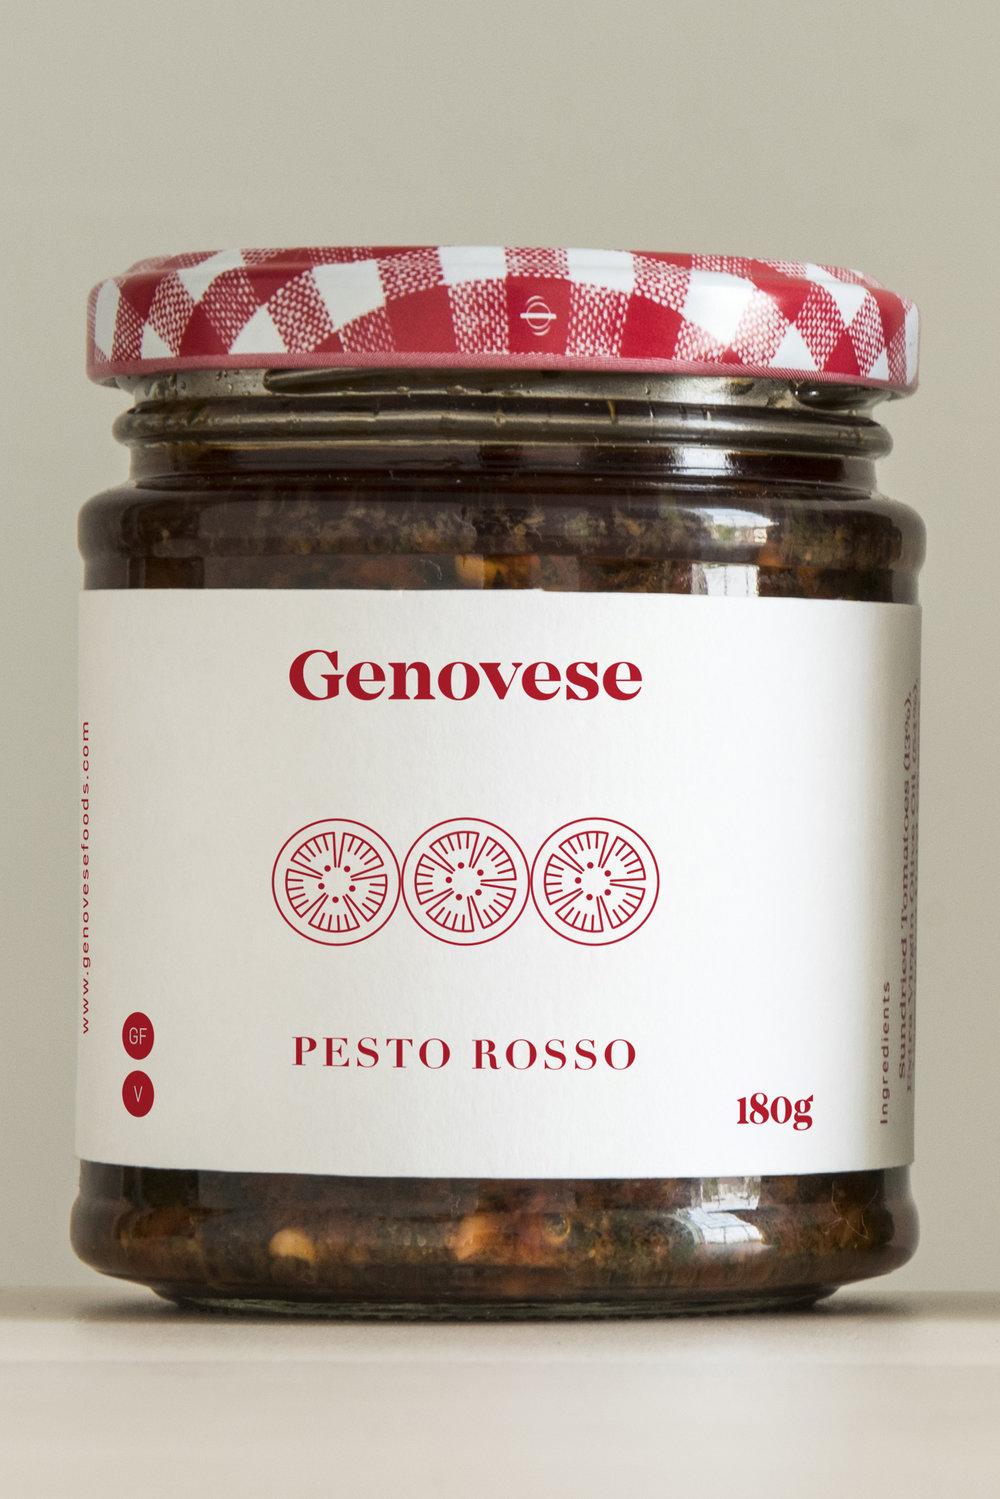 Genovese Pesto Rosso